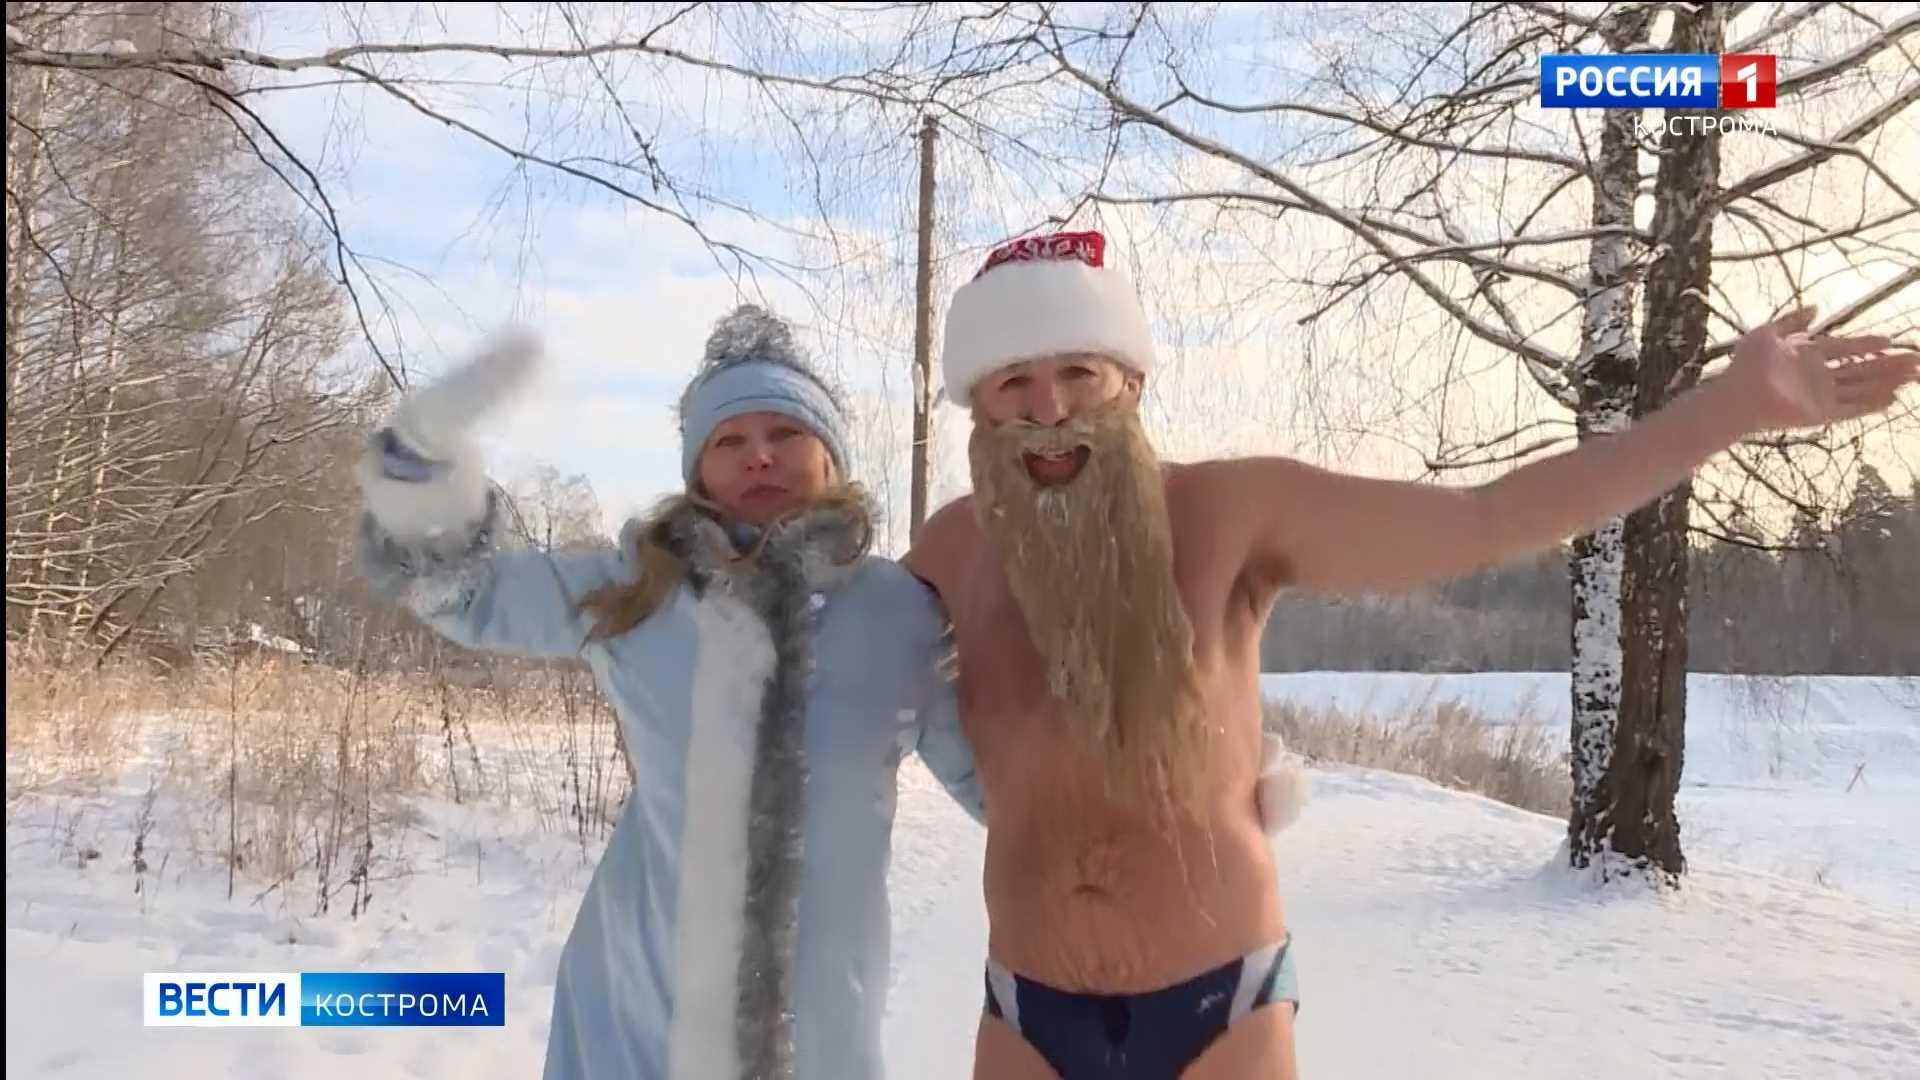 Костромской морж отметил свое 60-летие купанием в проруби